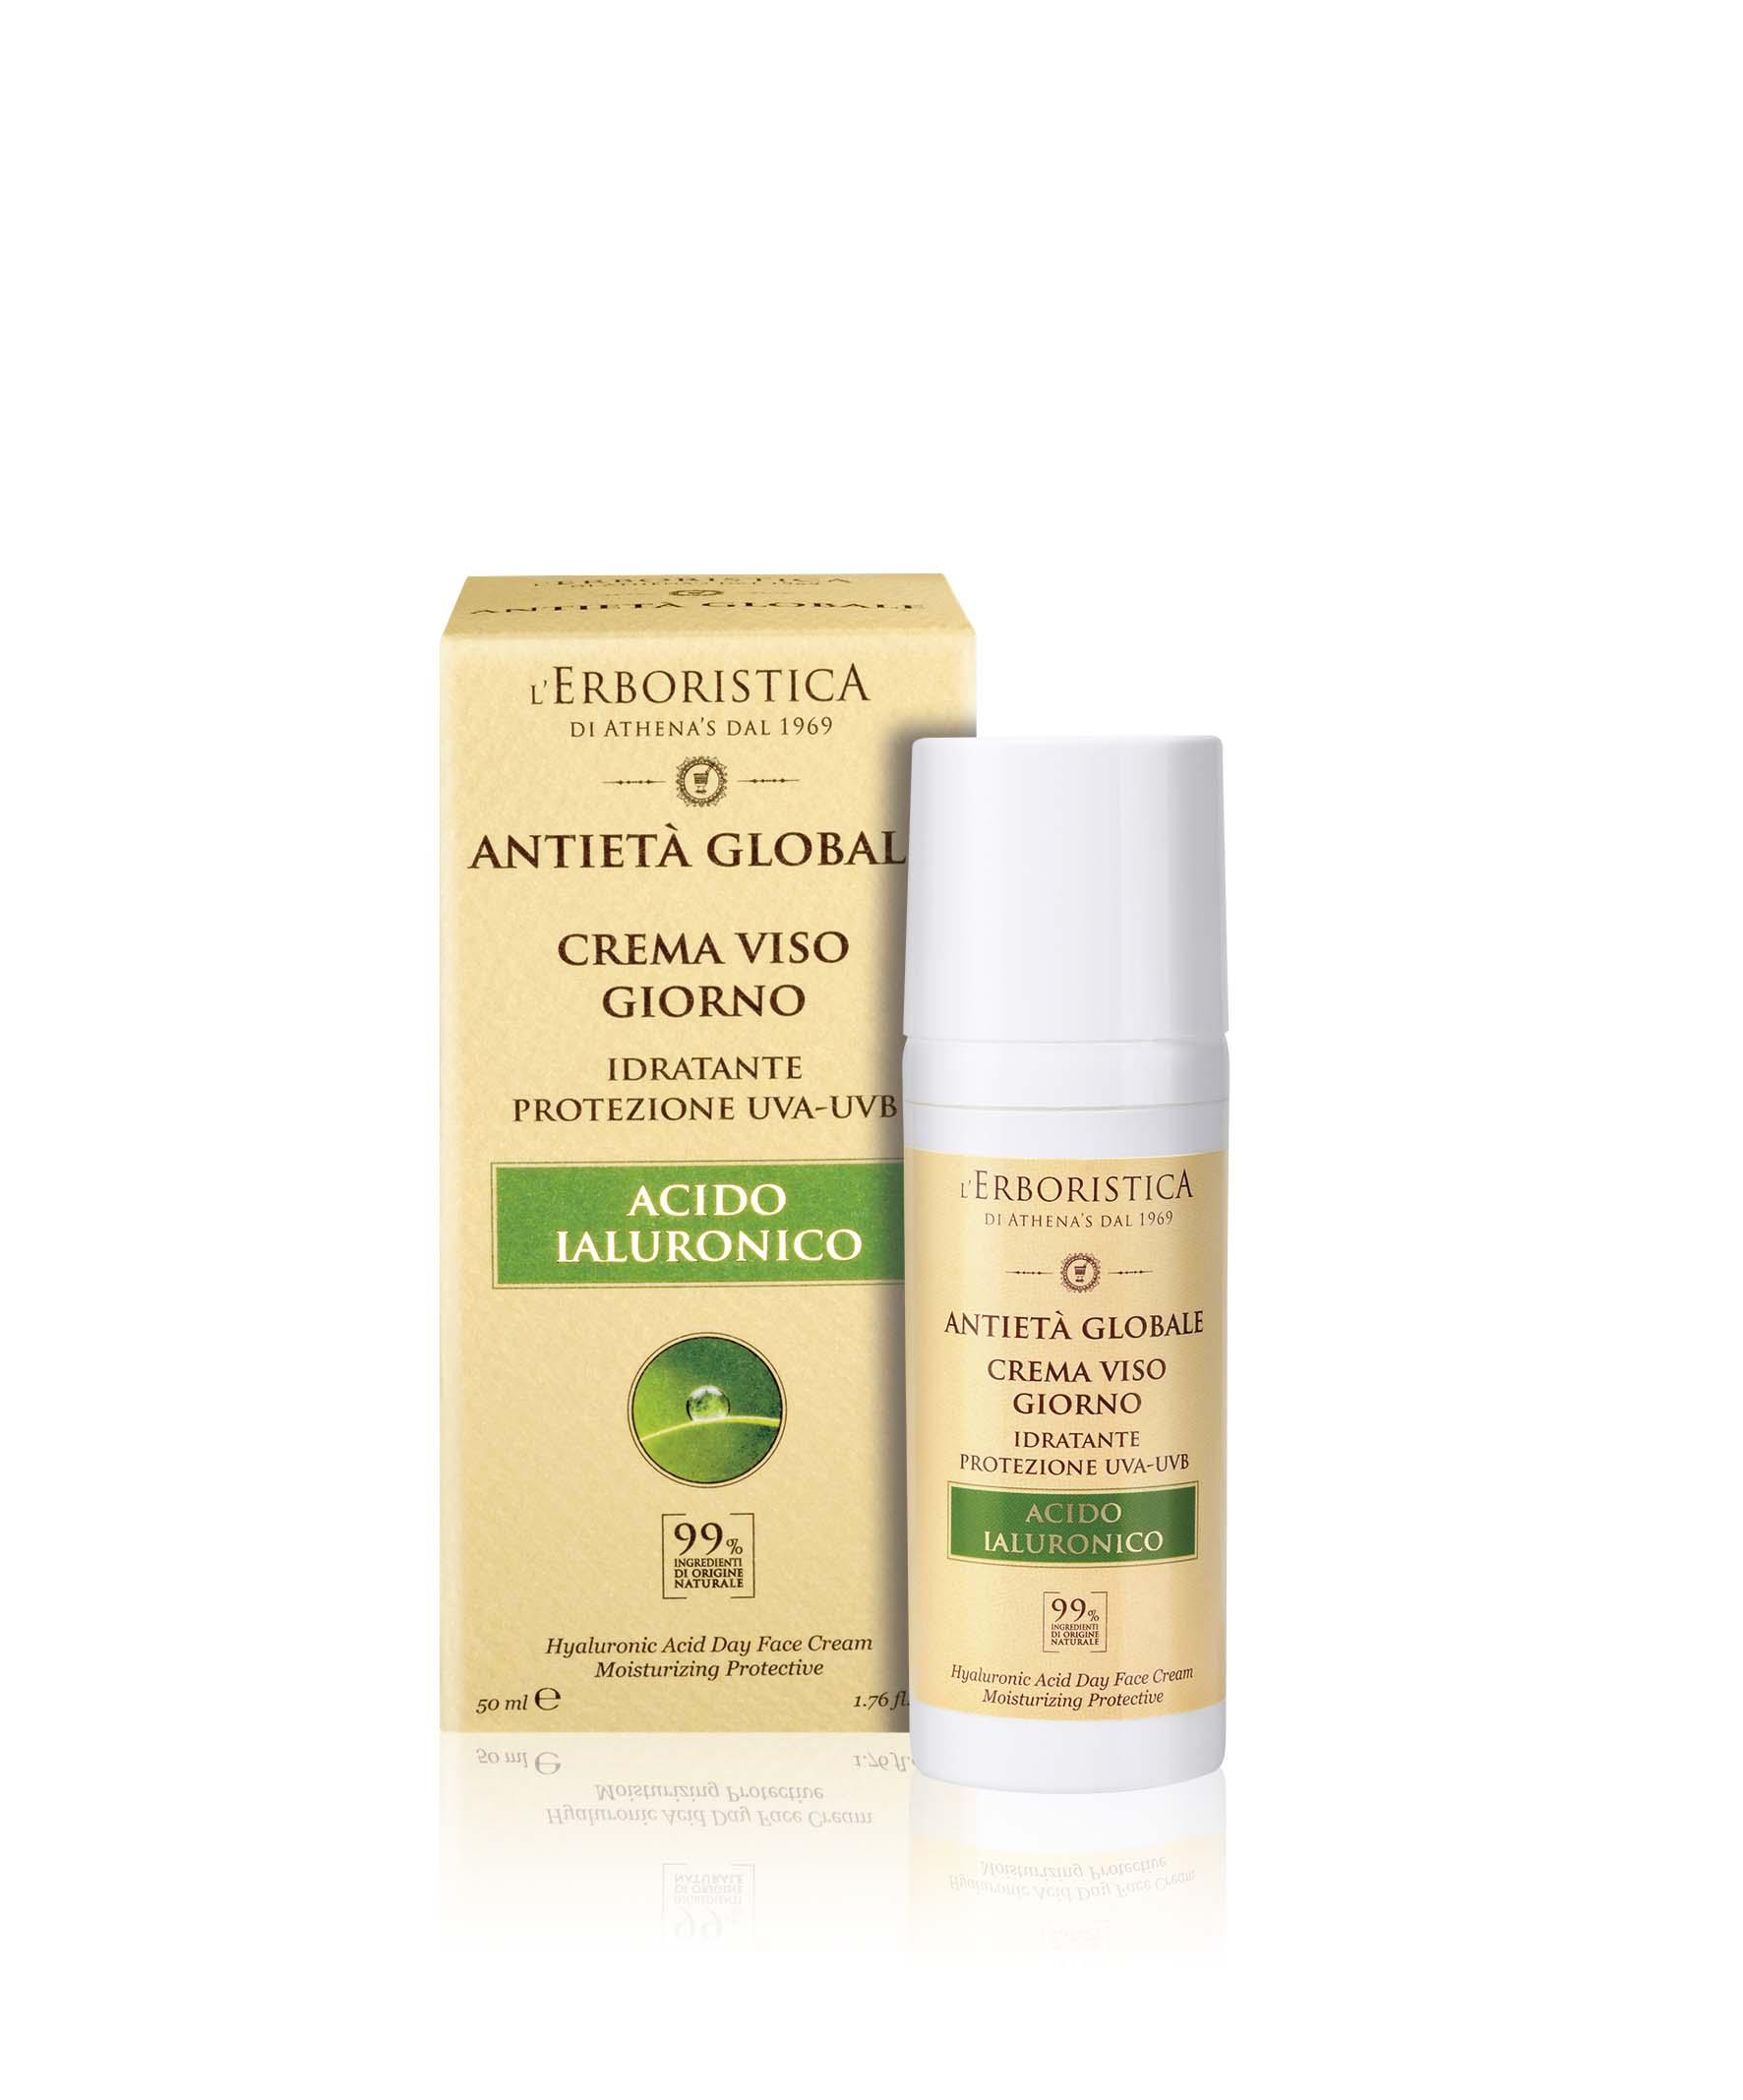 Kem dưỡng mặt ban ngày giúp giữ ẩm  chống tia UVA UVB